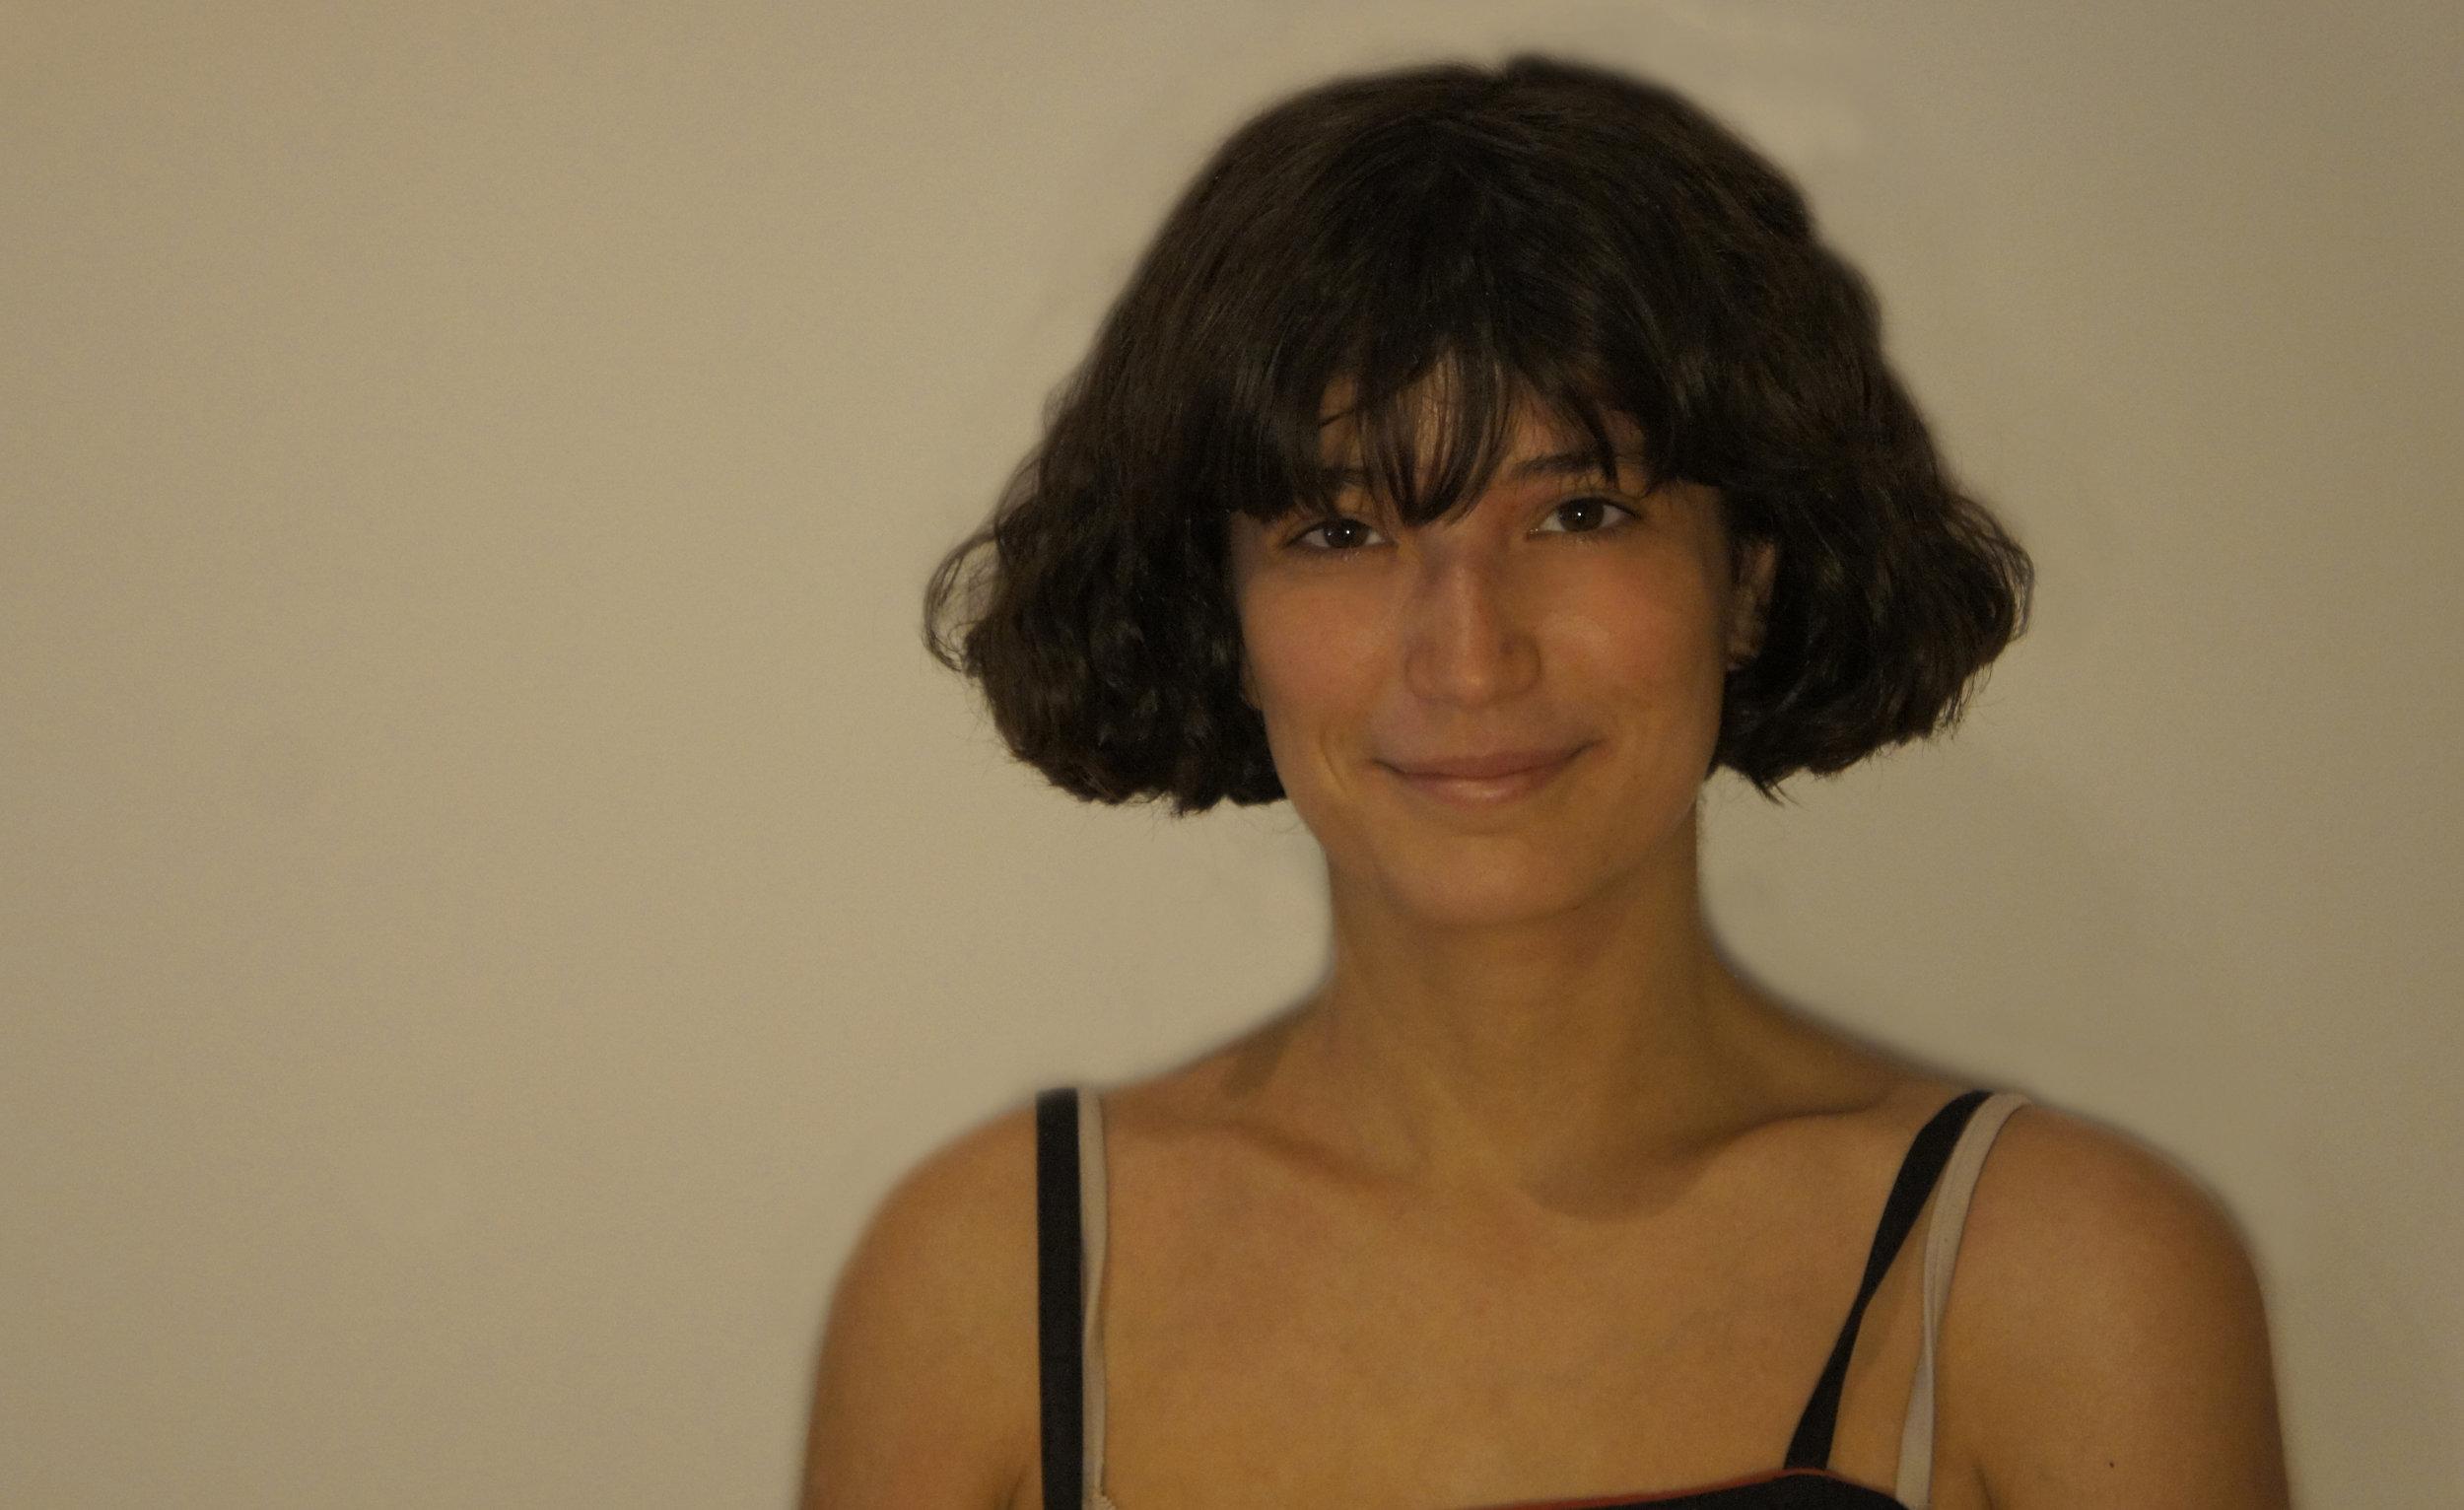 _DSC4925 - Laura Armero.jpg